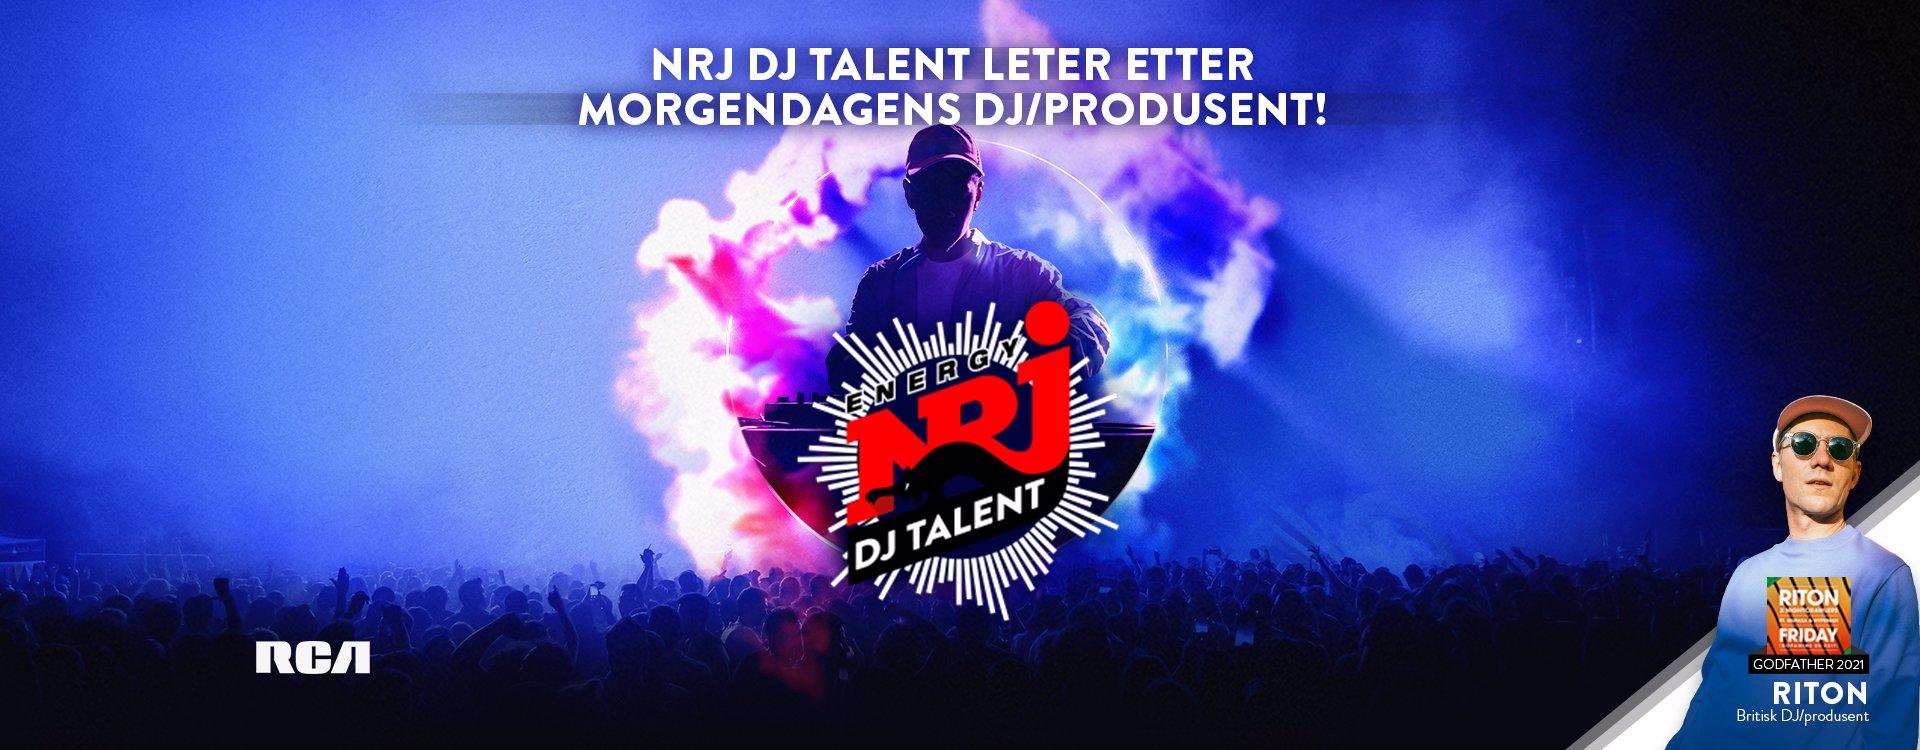 Hjelp oss å velge årets DJ-talent!